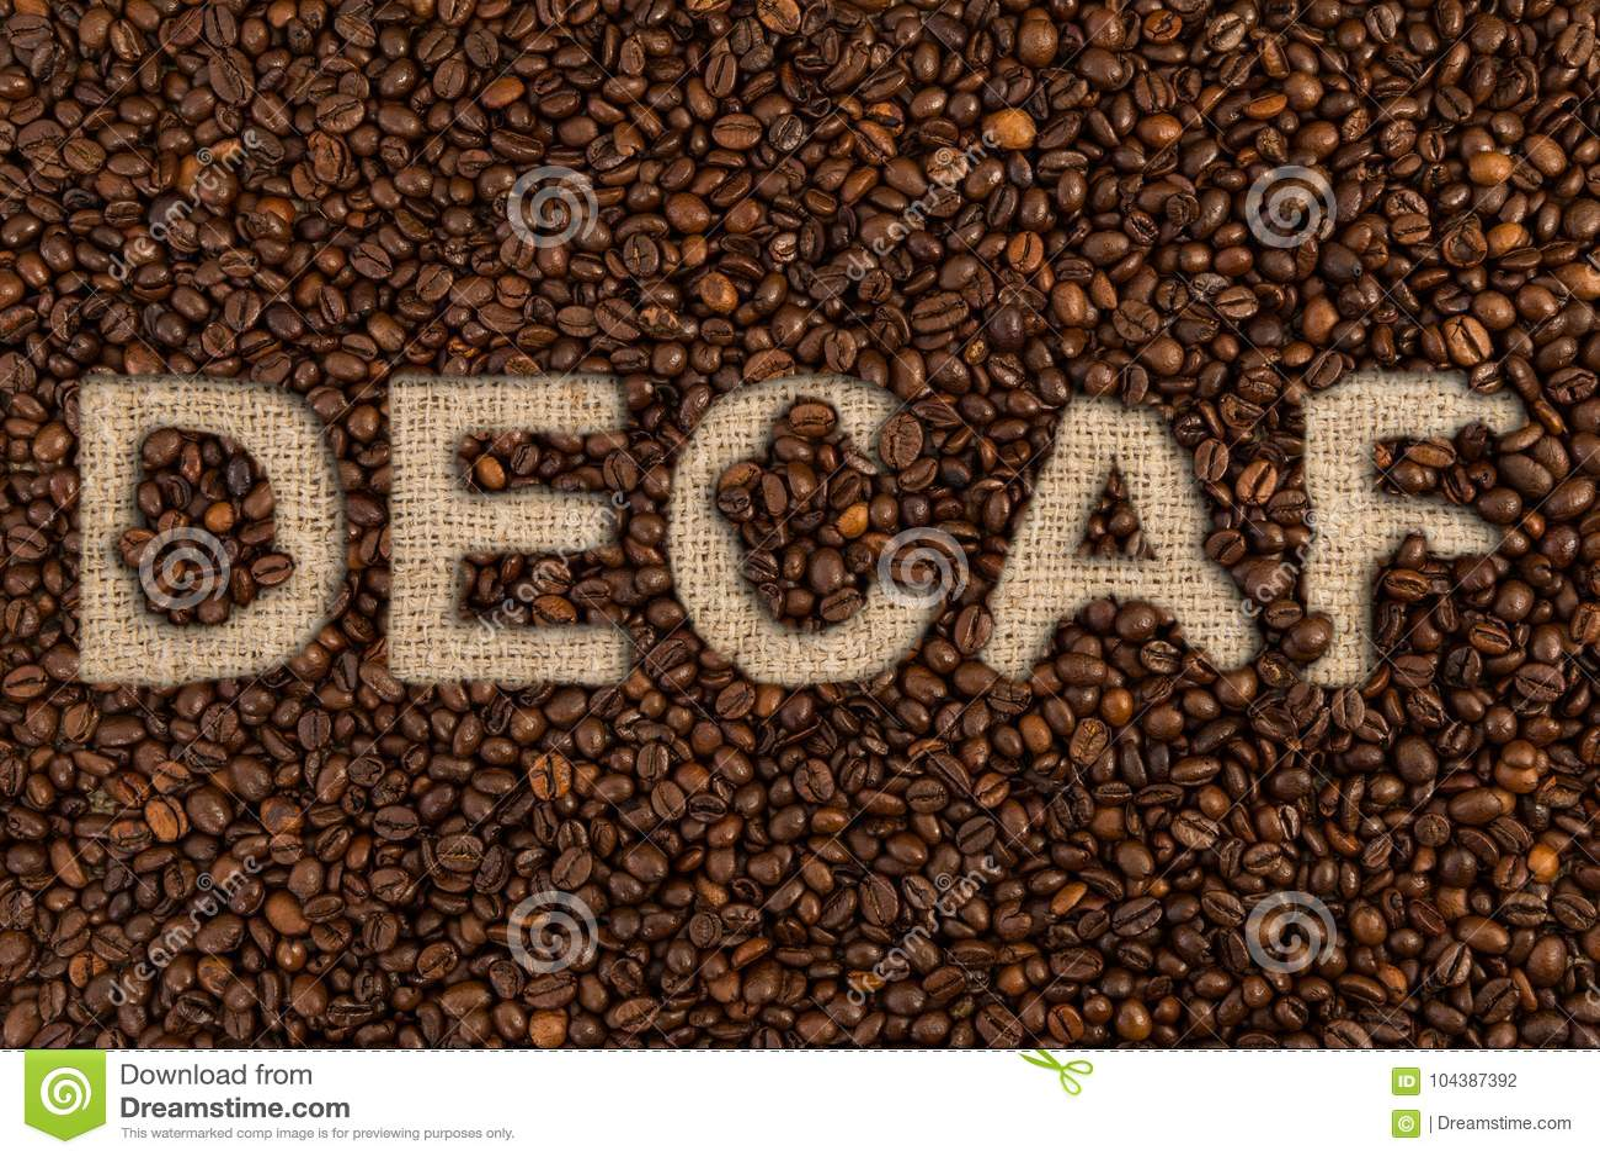 在咖啡豆写的脱咖啡因咖啡概念